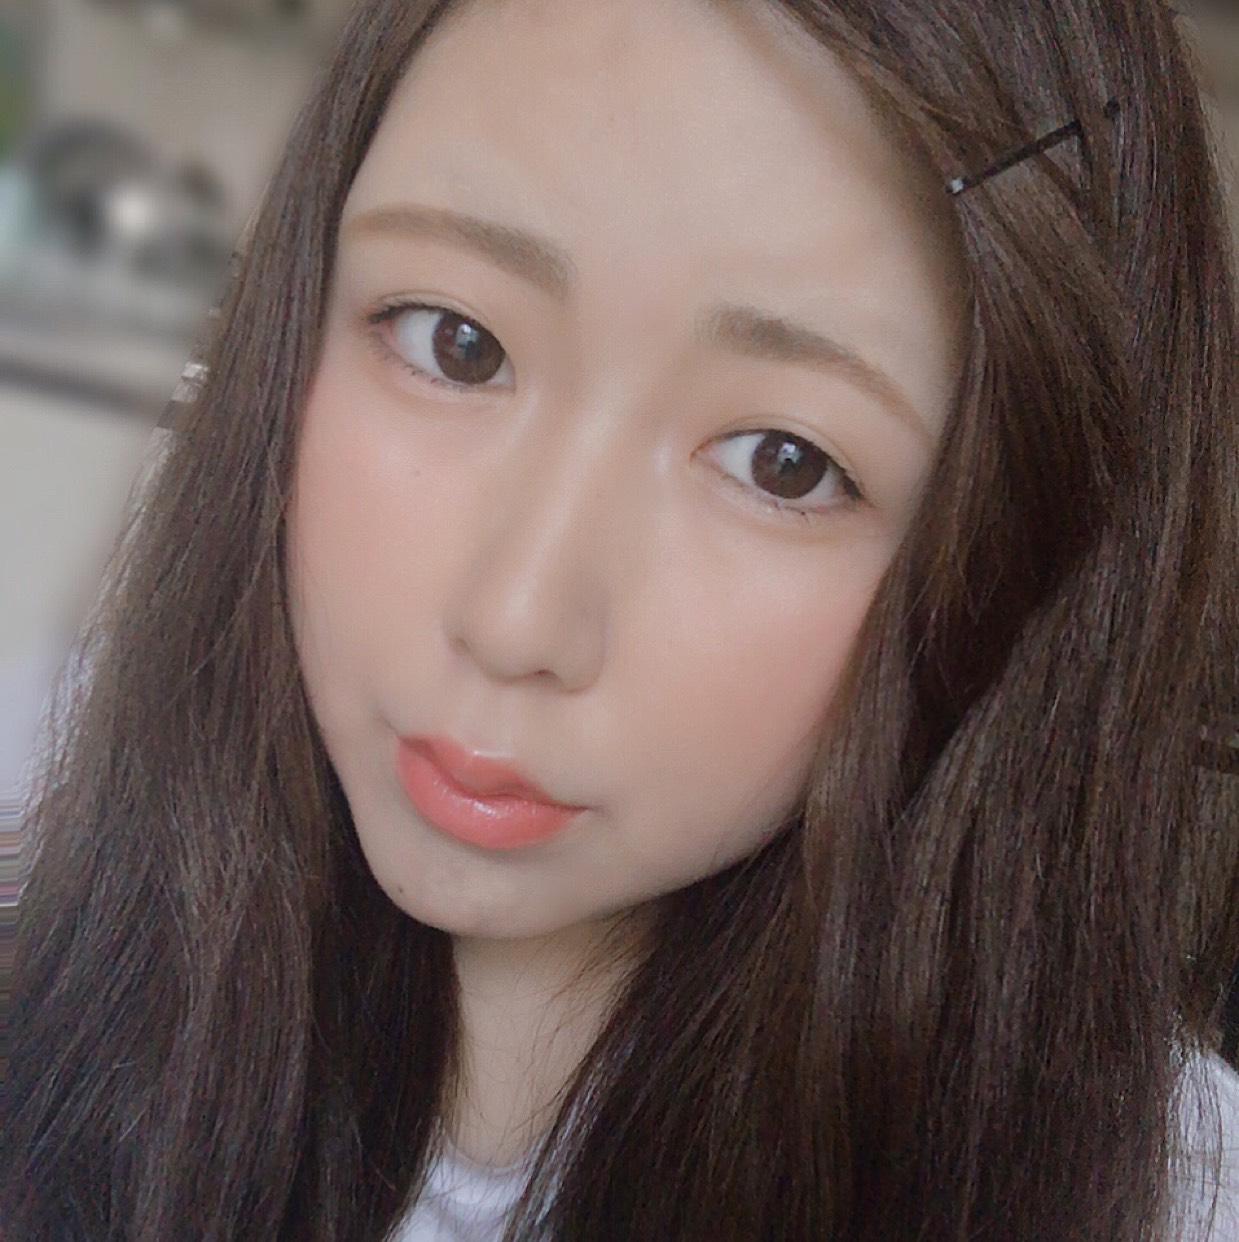 夏のプチプラオレンジメイク♡